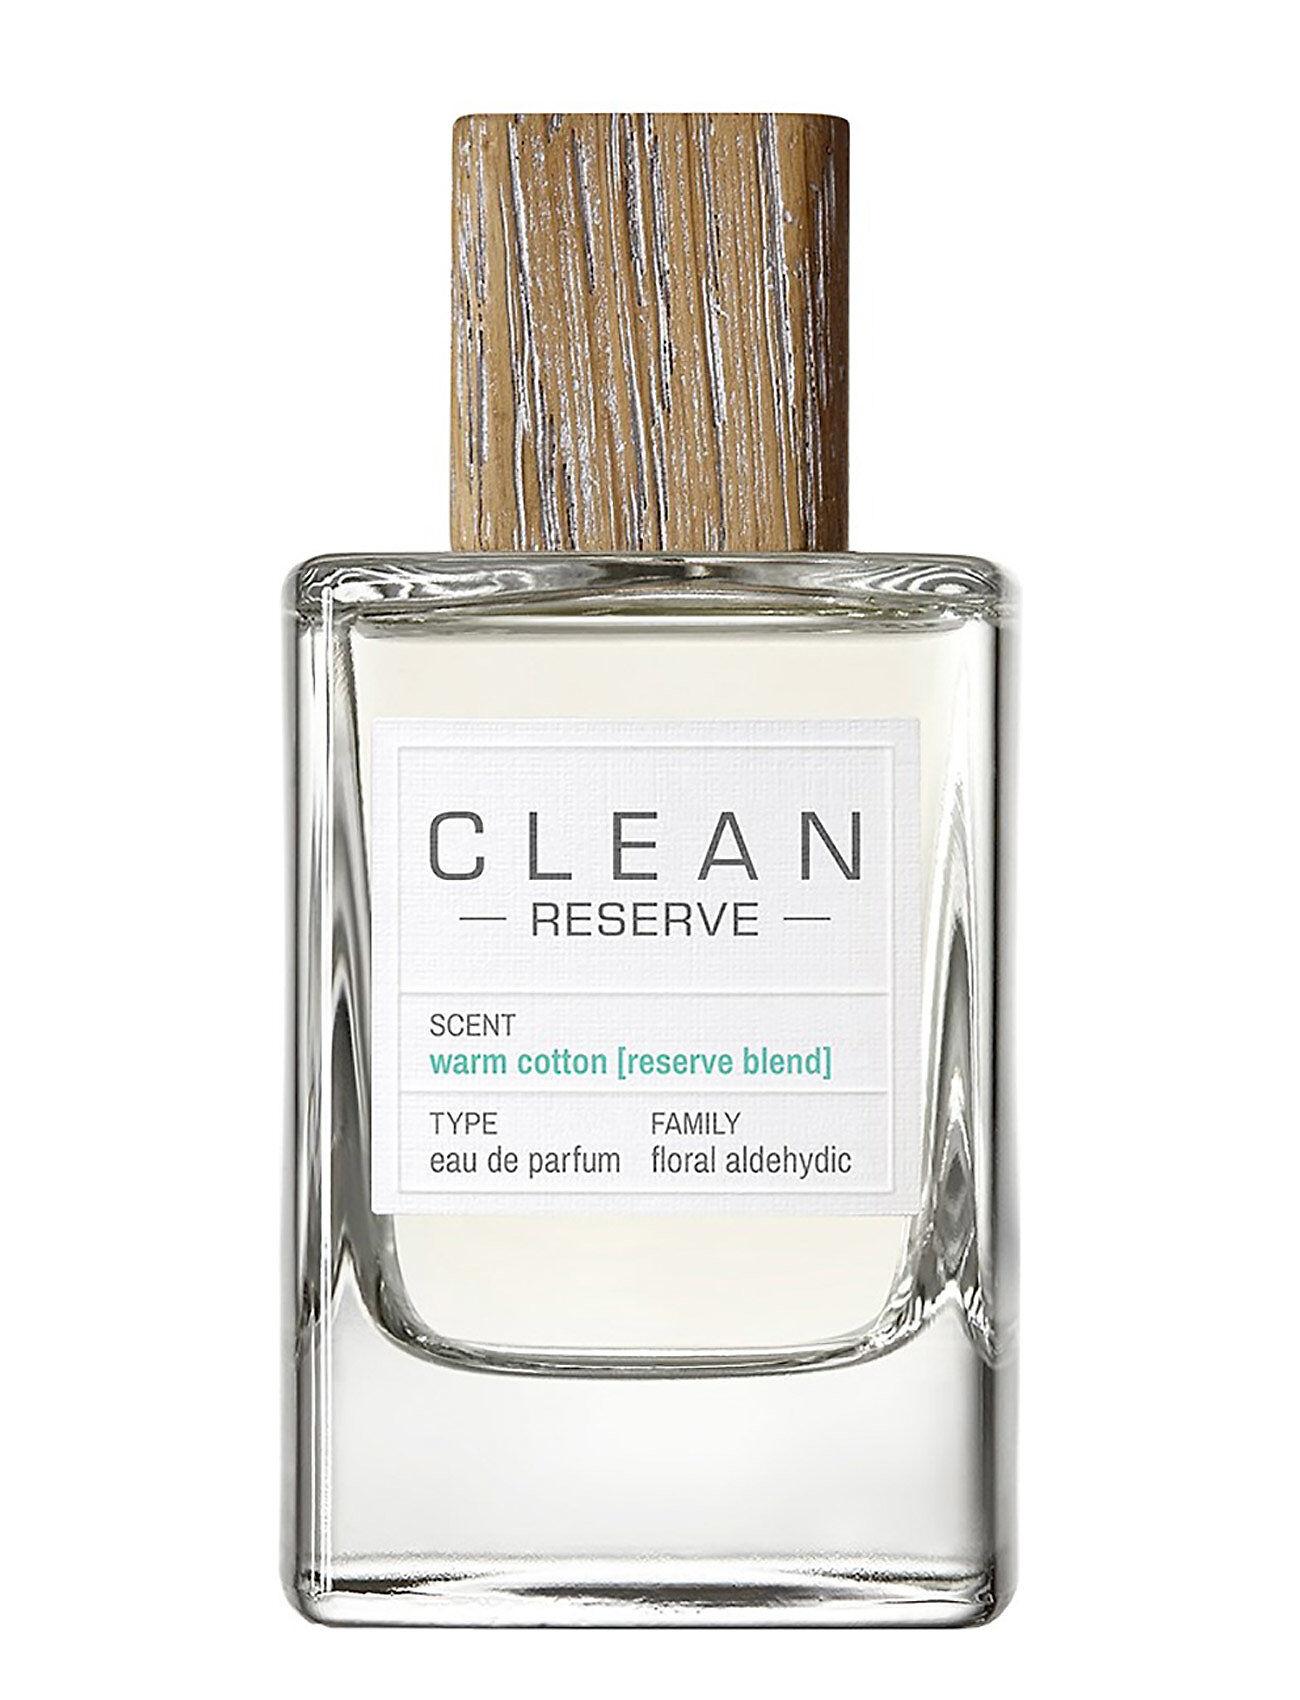 Clean Reserve Blends Warm Cotton